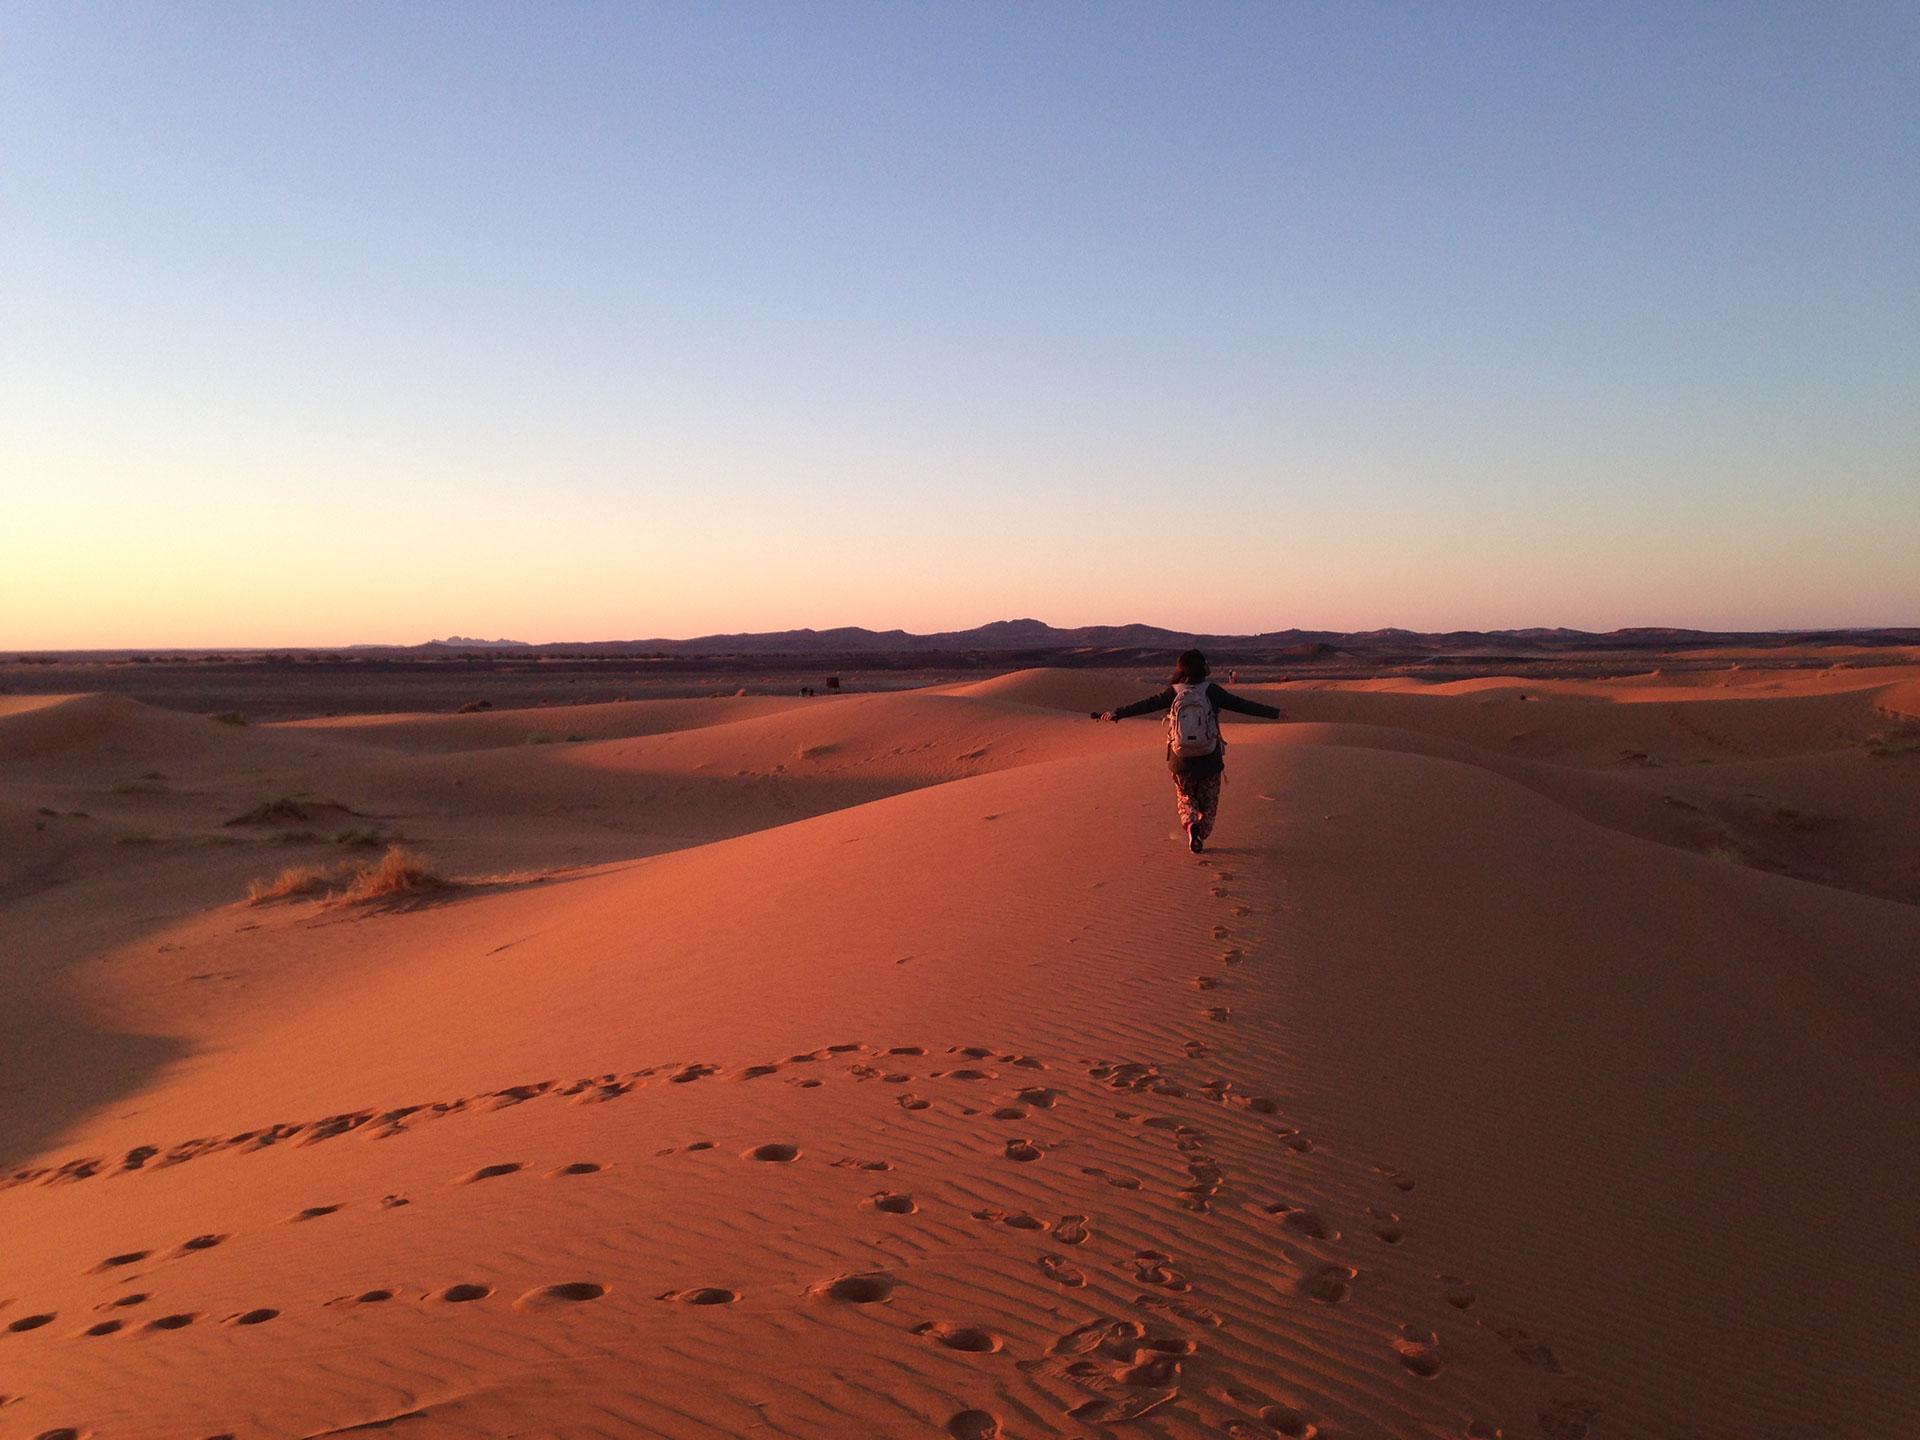 Ταξίδι στο Μαρόκο - γυναικεία υπόθεση!